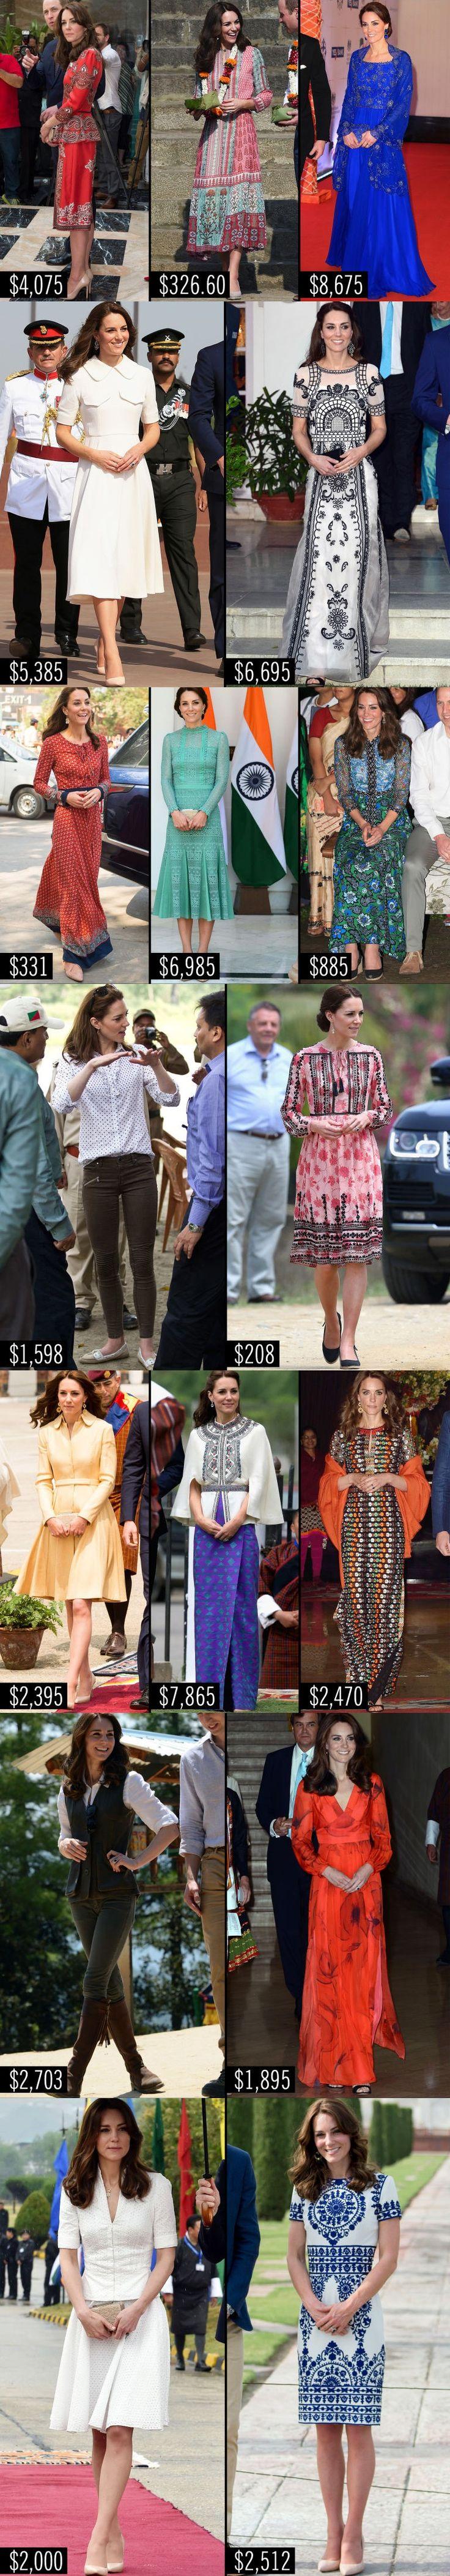 Guarda-roupa de Kate Middleton para viagem à India custou mais de R$ 178 mil